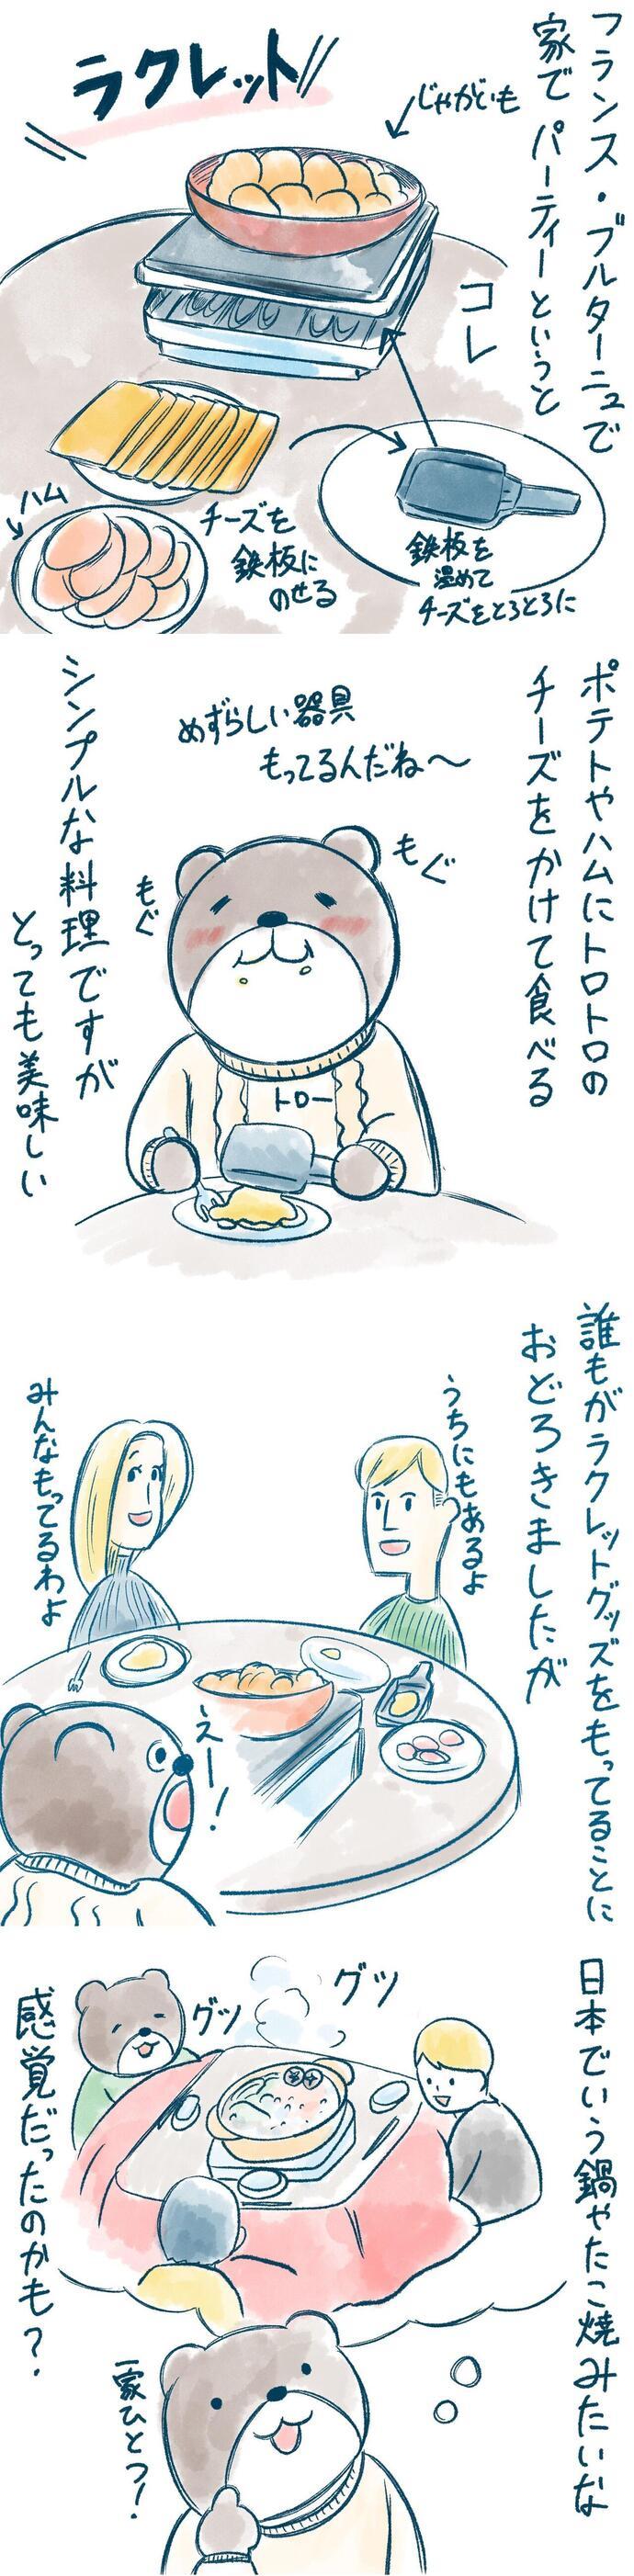 ryugakuma_09_1280.jpg